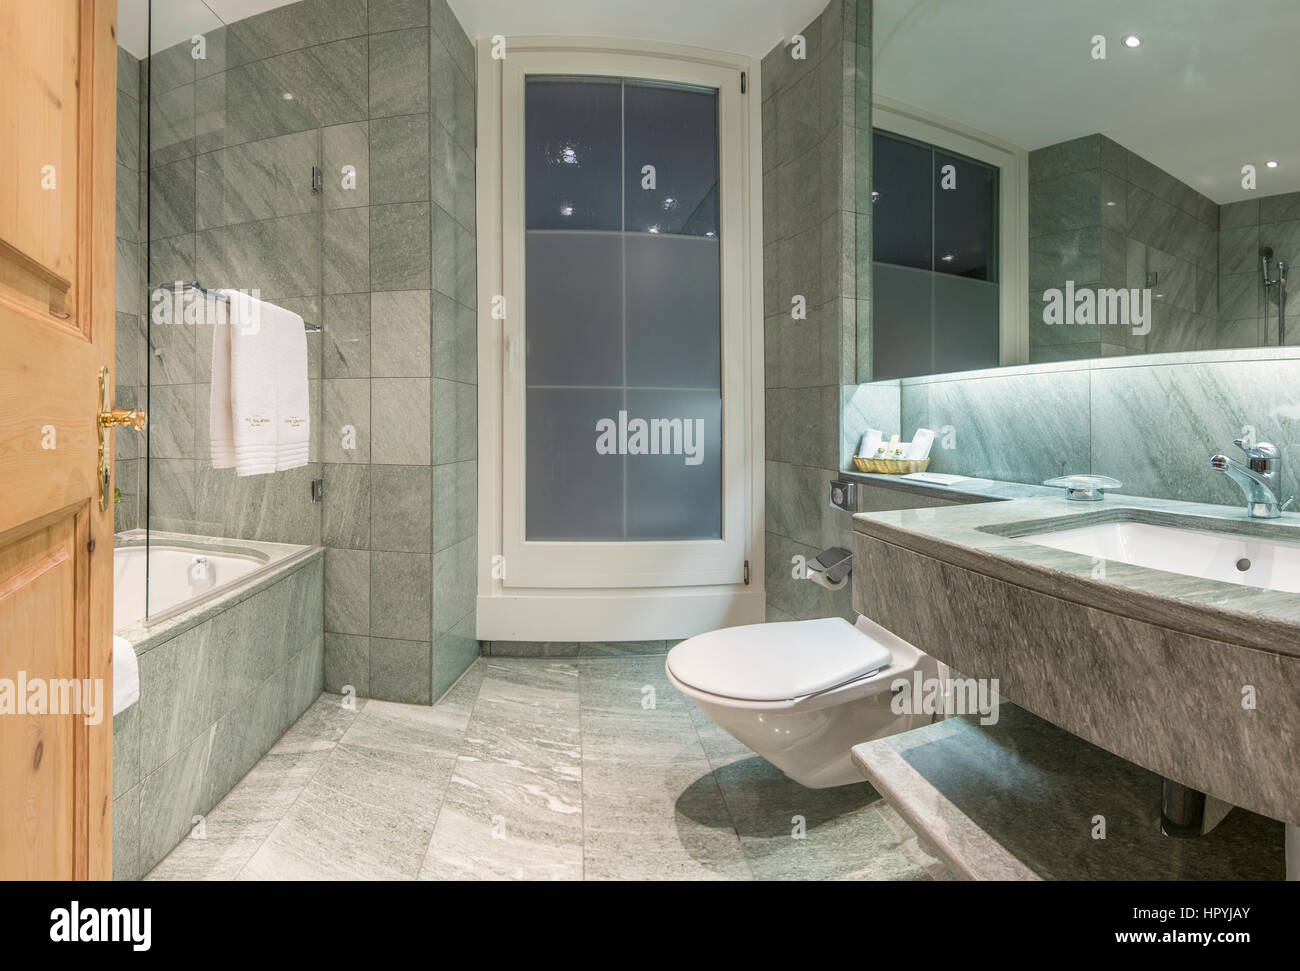 Elegant Moderne Wände Beste Wahl Minimalistische Hotelbad Mit Marmor Fliesen Bedeckten Wände